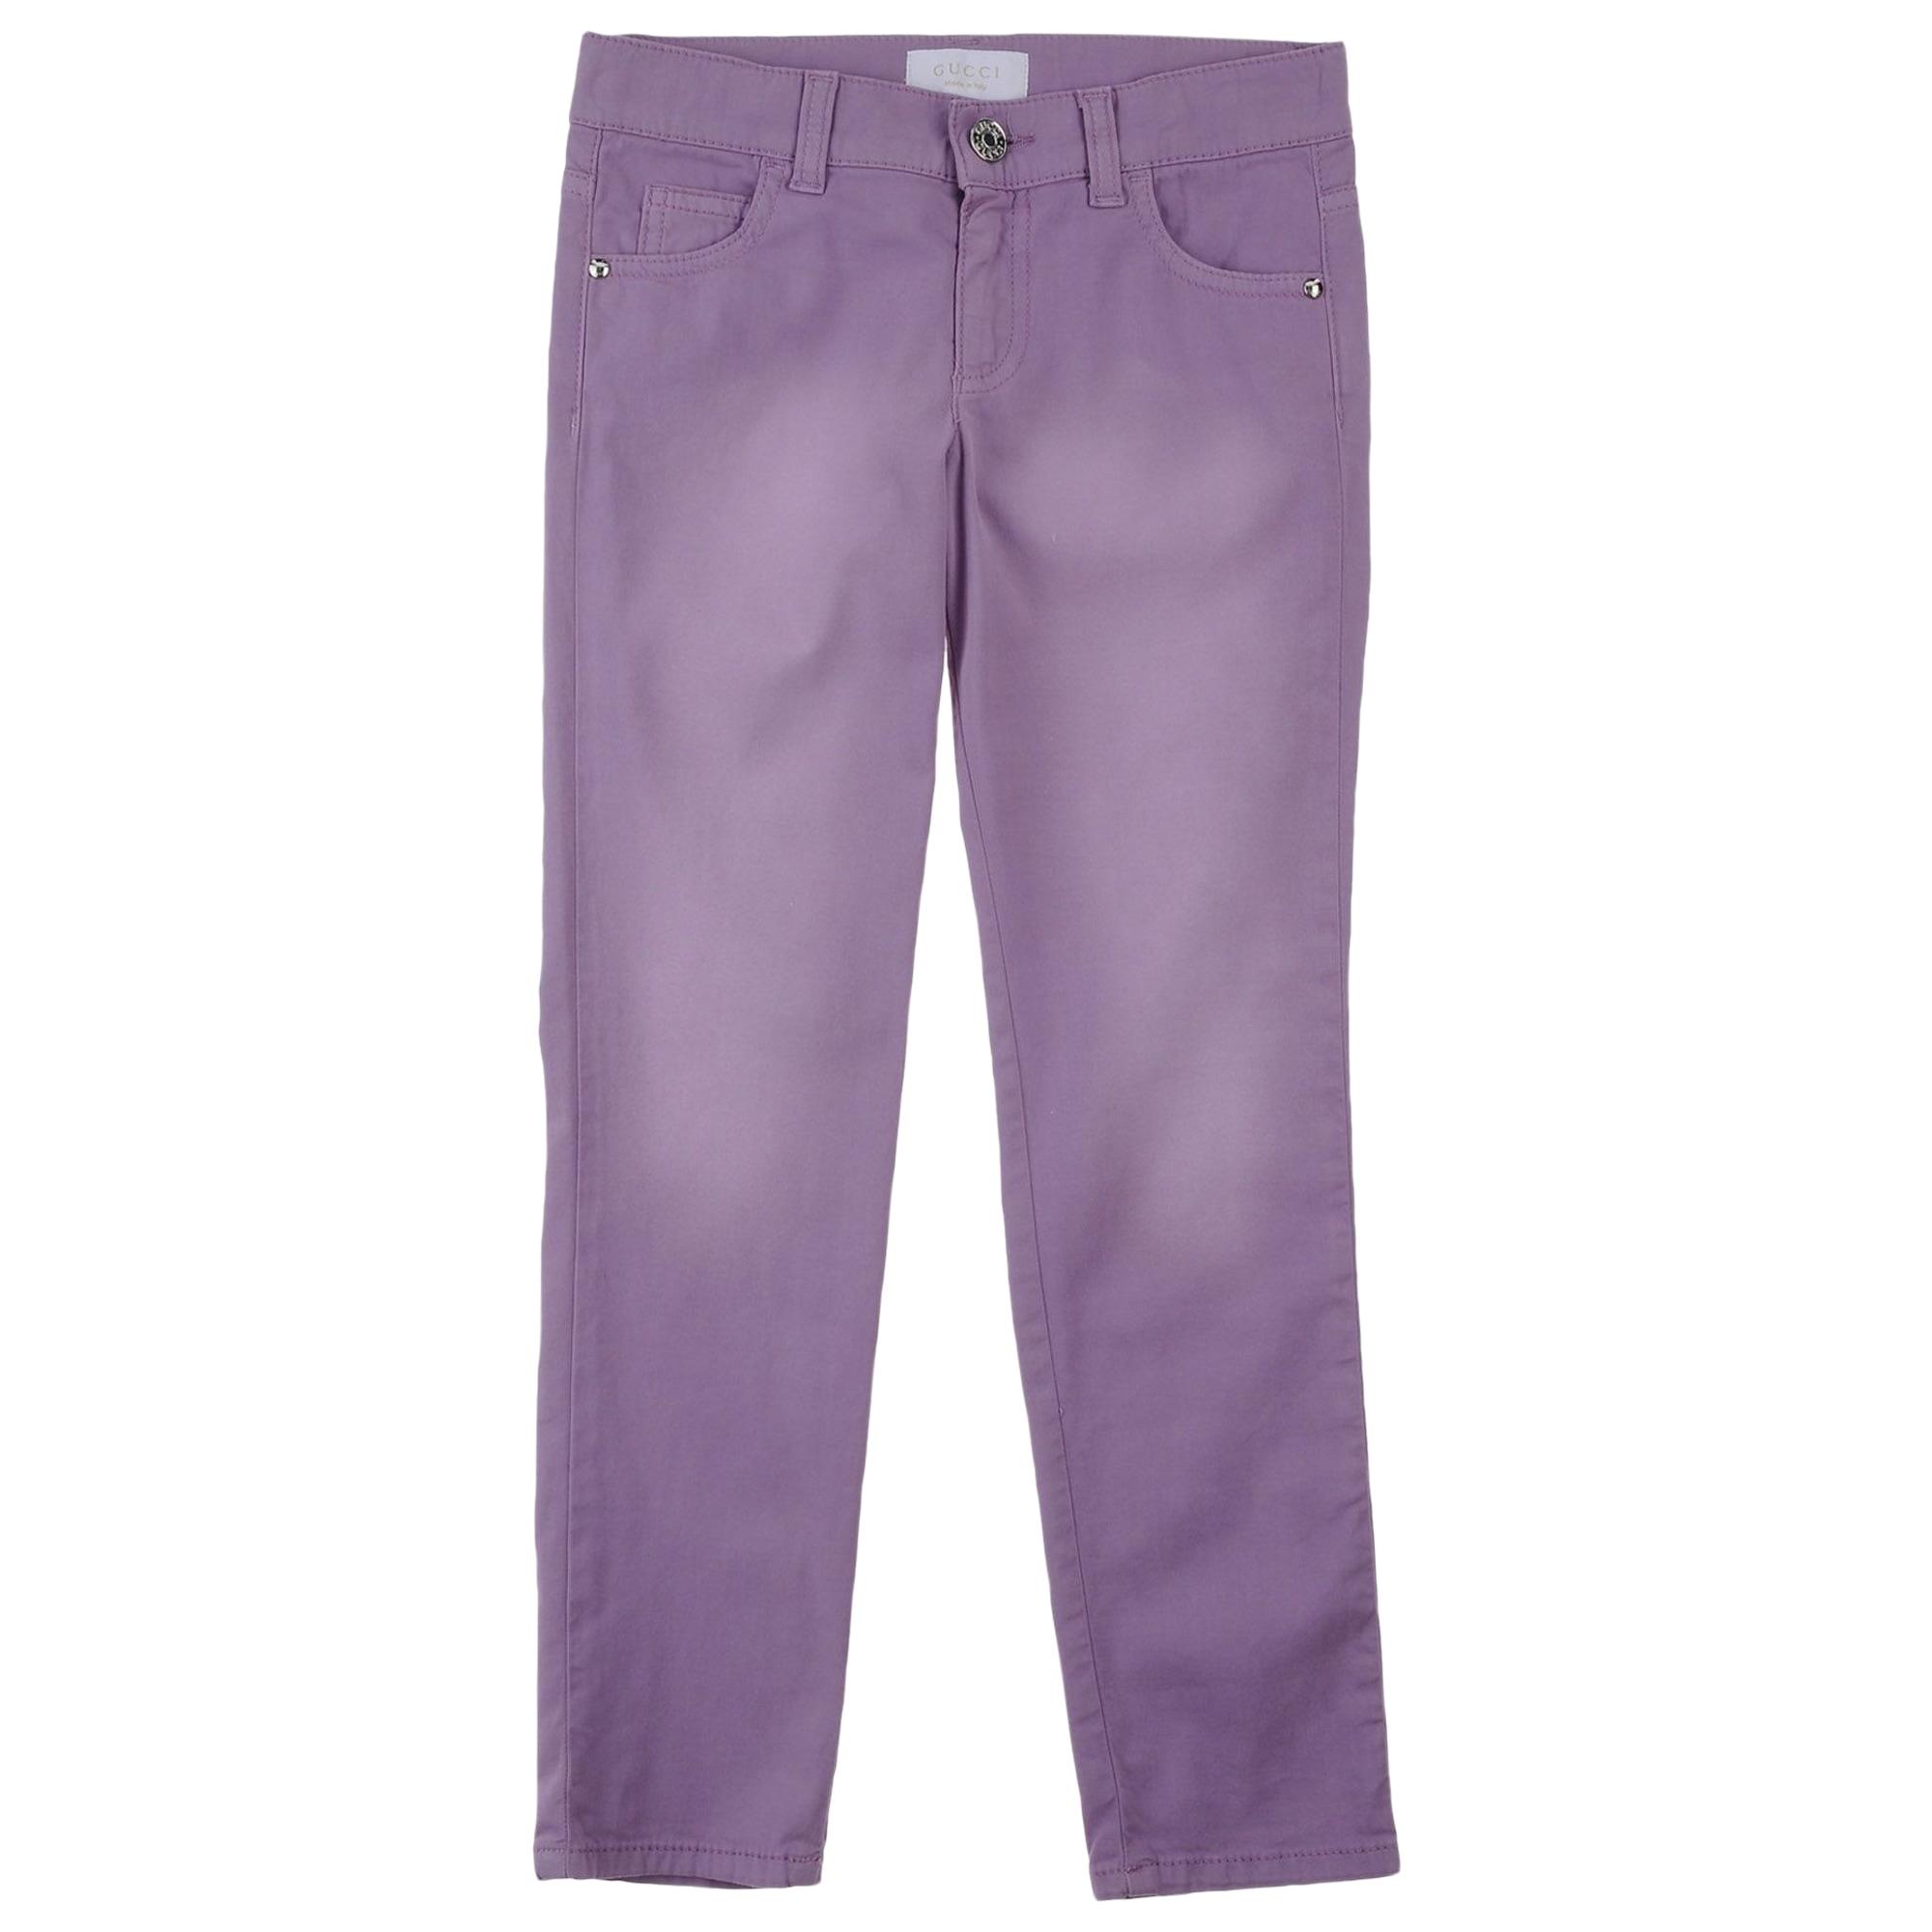 Pantalon GUCCI Violet, mauve, lavande